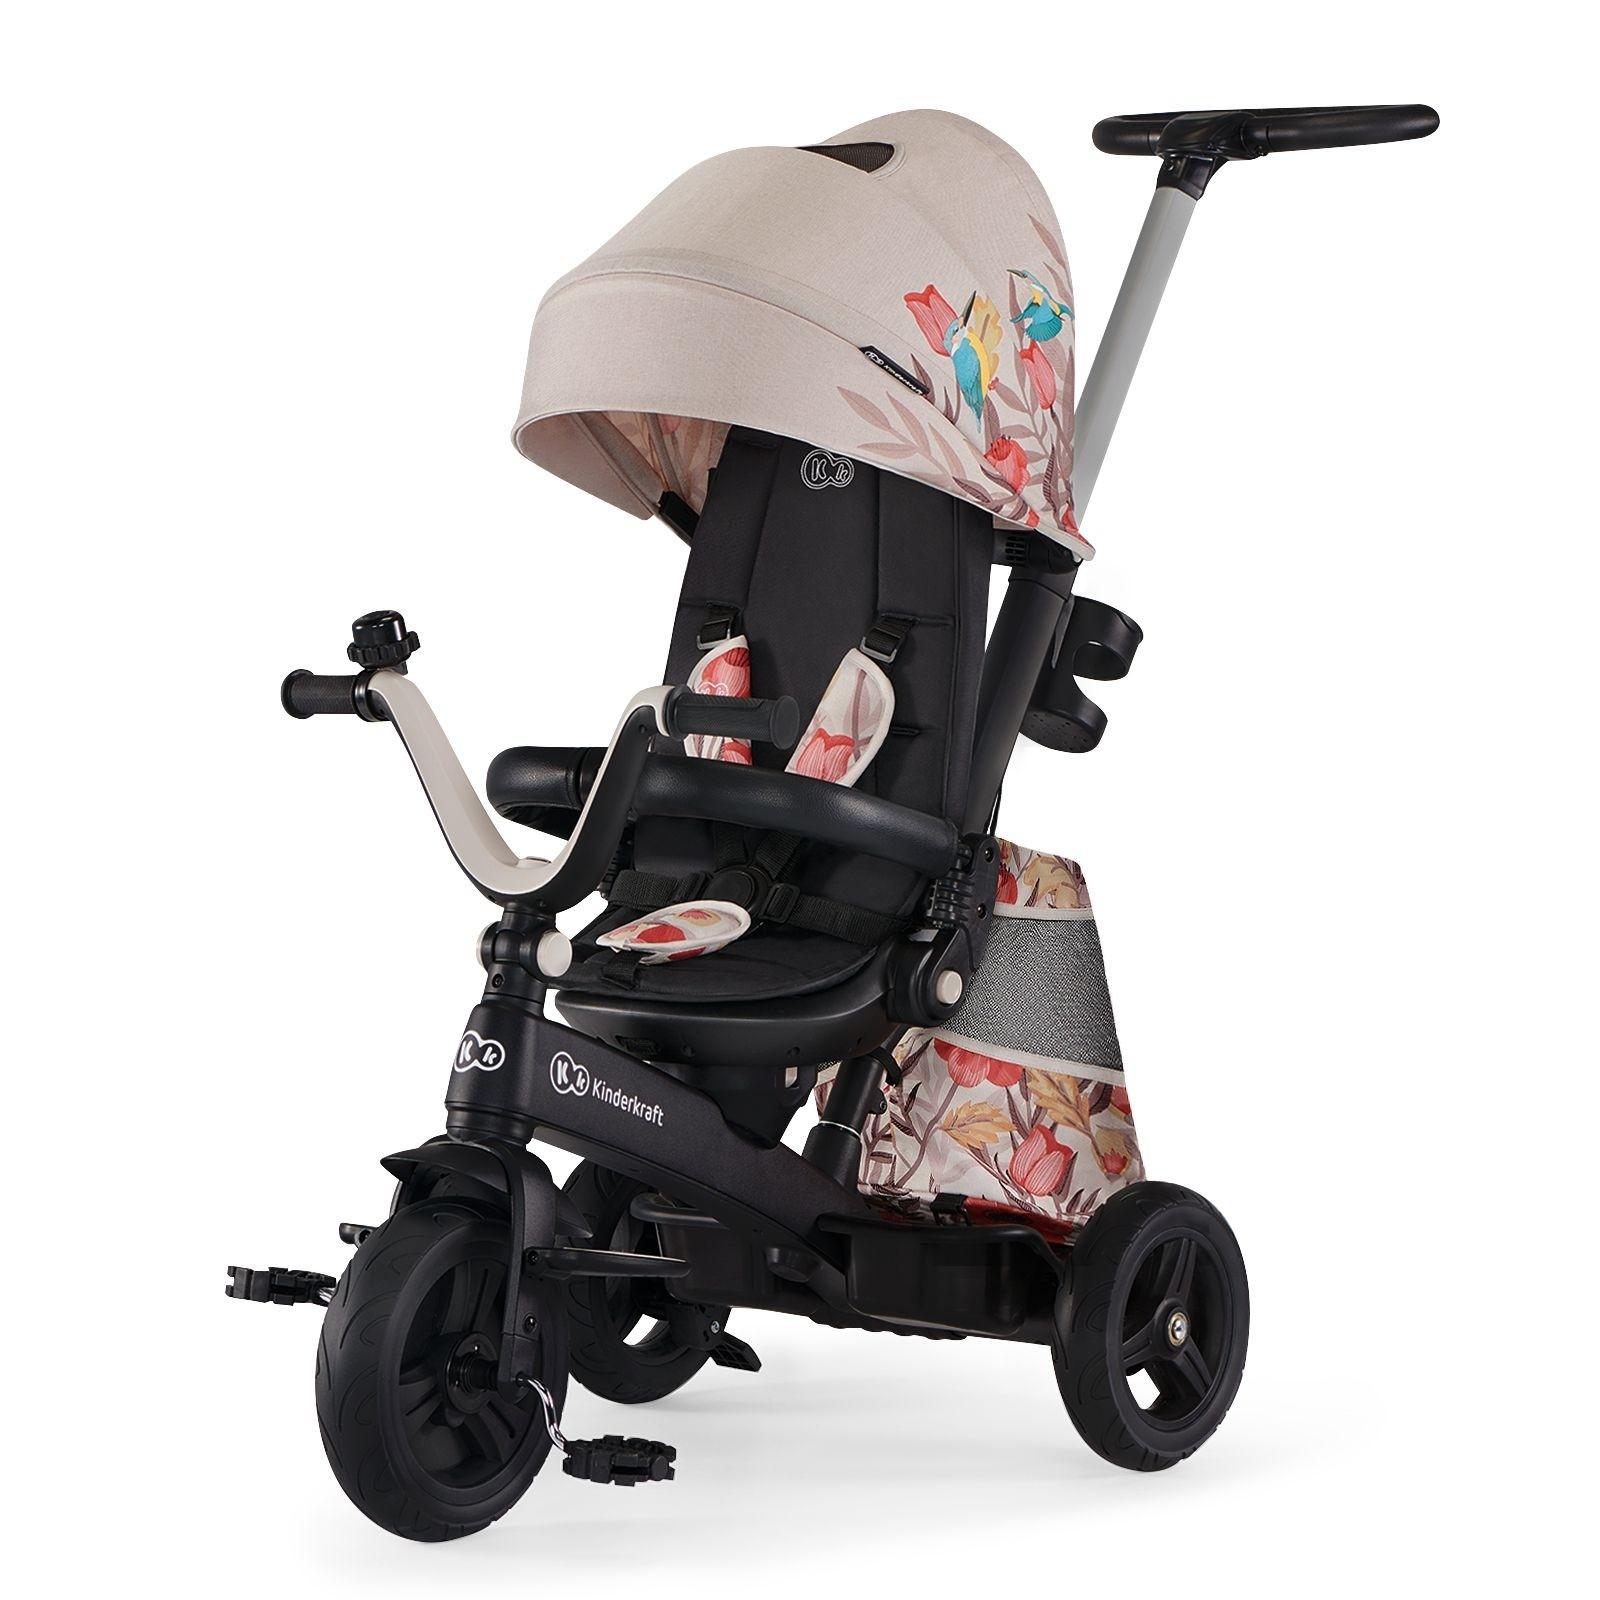 Triciclo Kinderkraft Easytwist Freedom